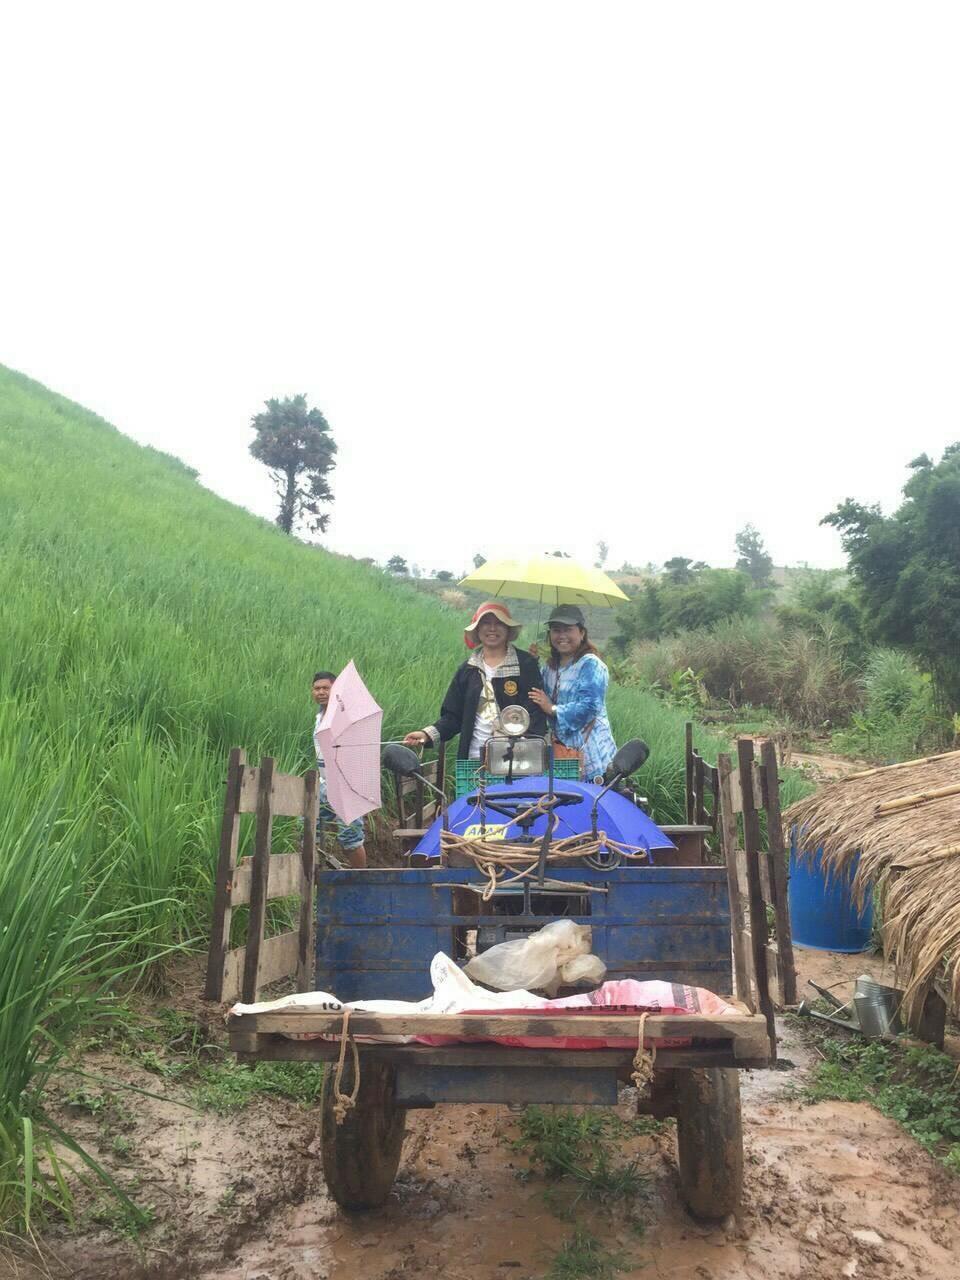 黒ガリンガル(クロガリンダ)の収穫の様子